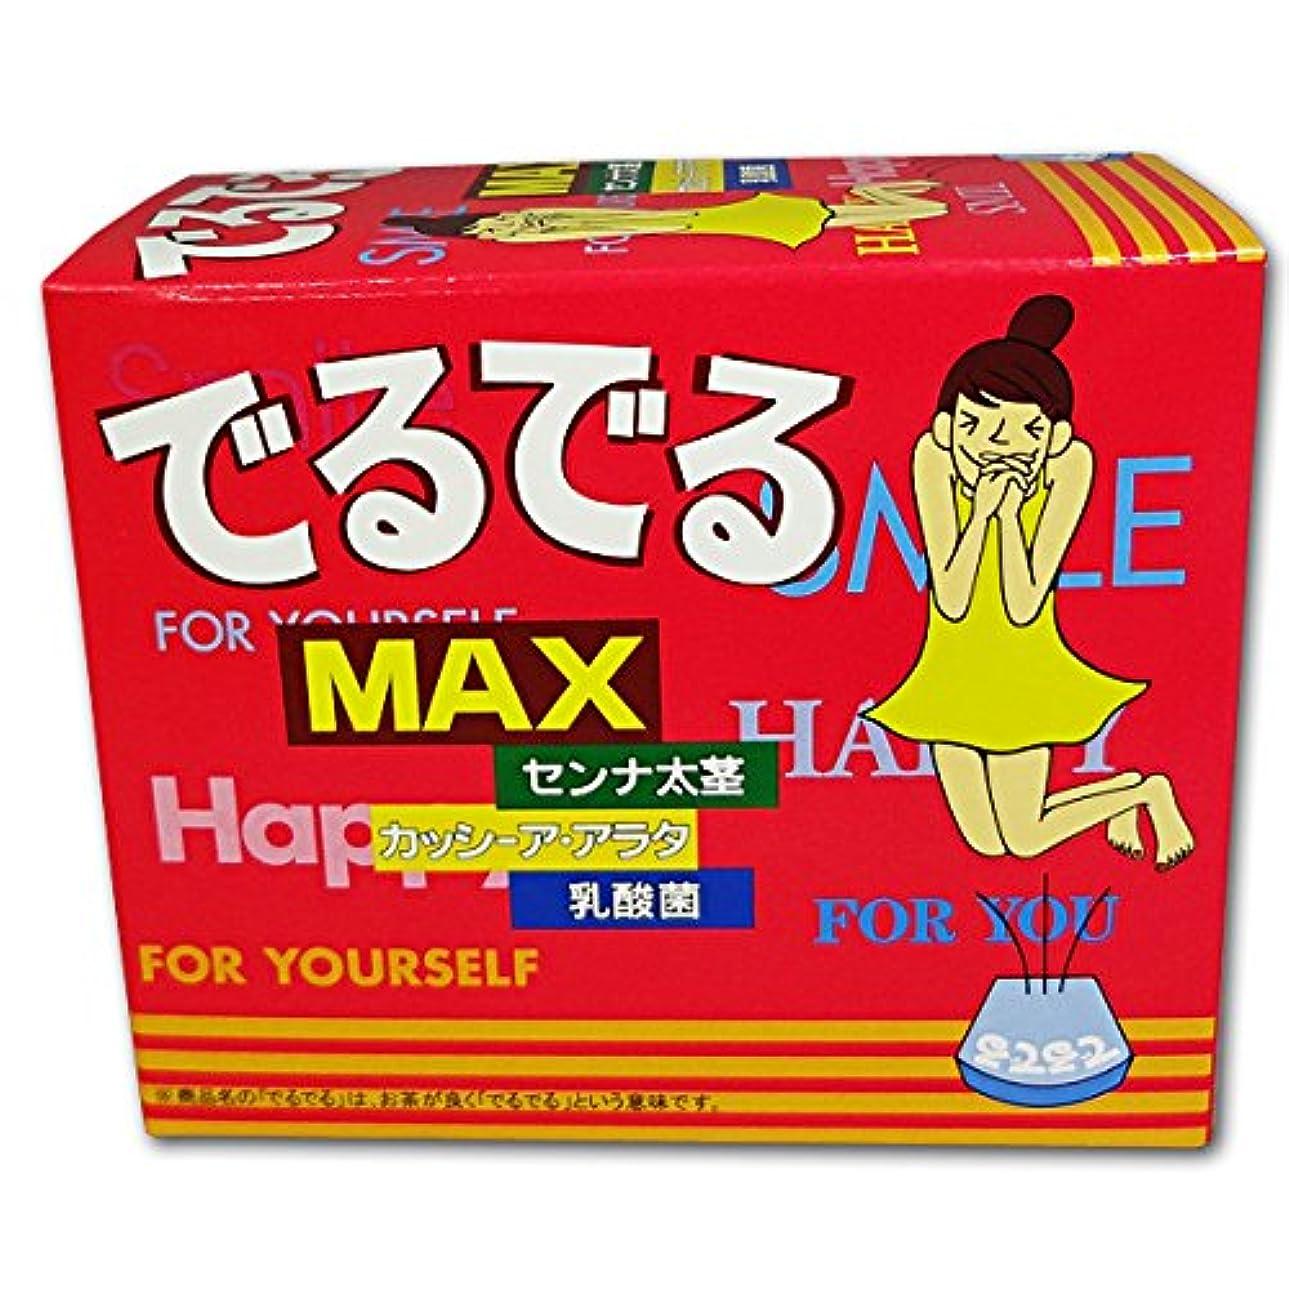 性格性交環境に優しい昭和 でるでる MAX 14包